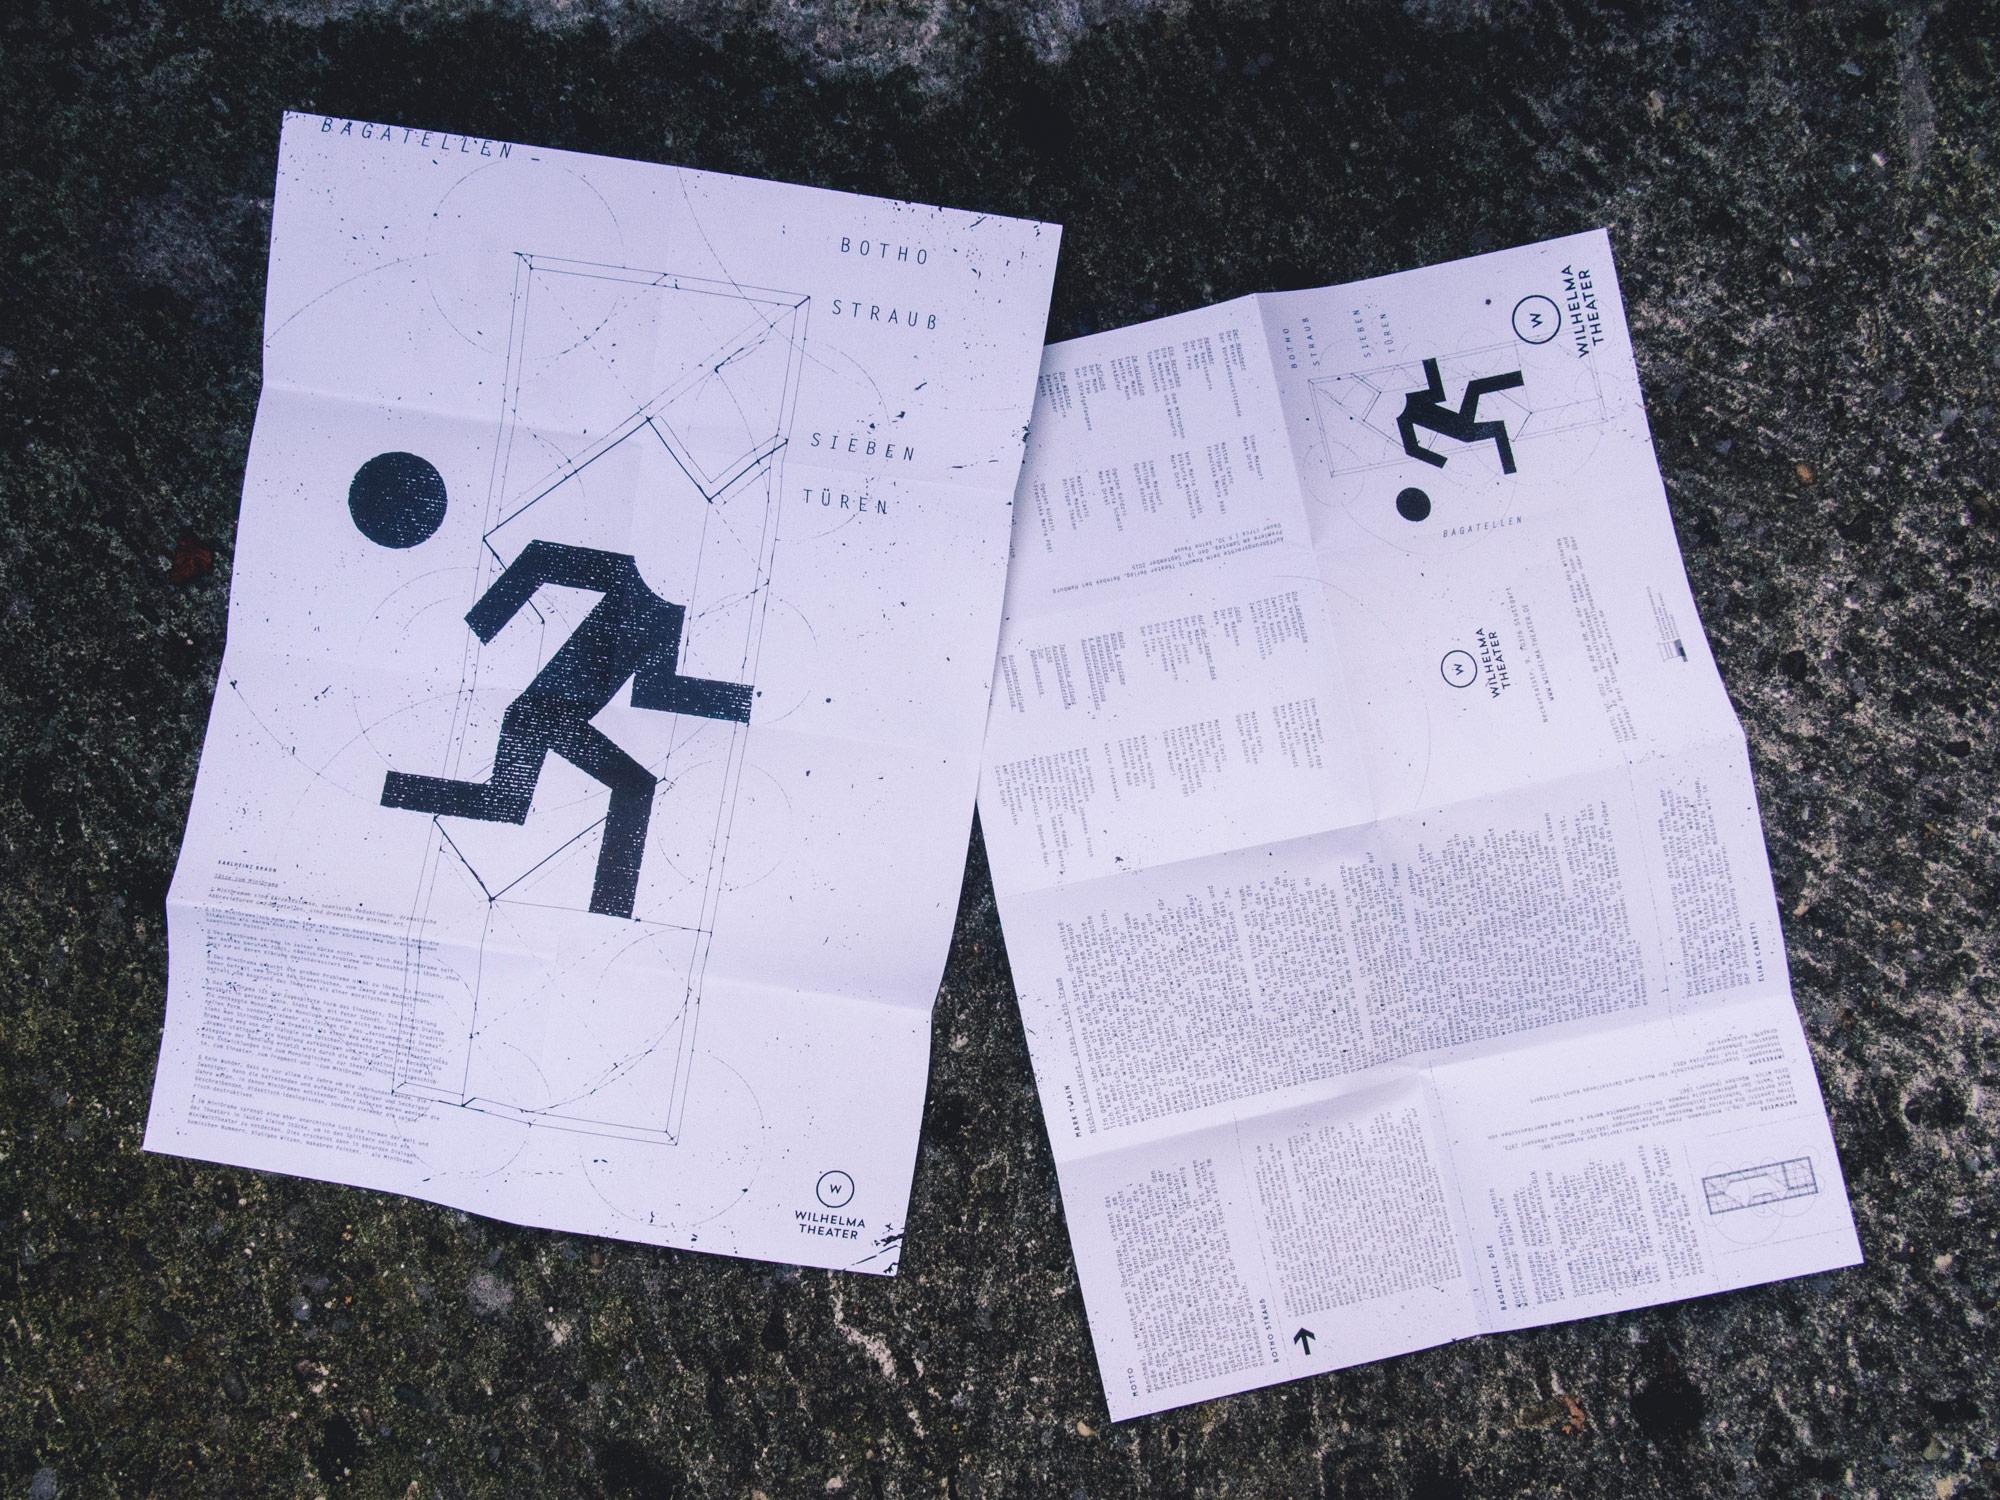 Man sieht zwei Programmhefte auf einer Mauer liegen. Links den Titel zum Stück